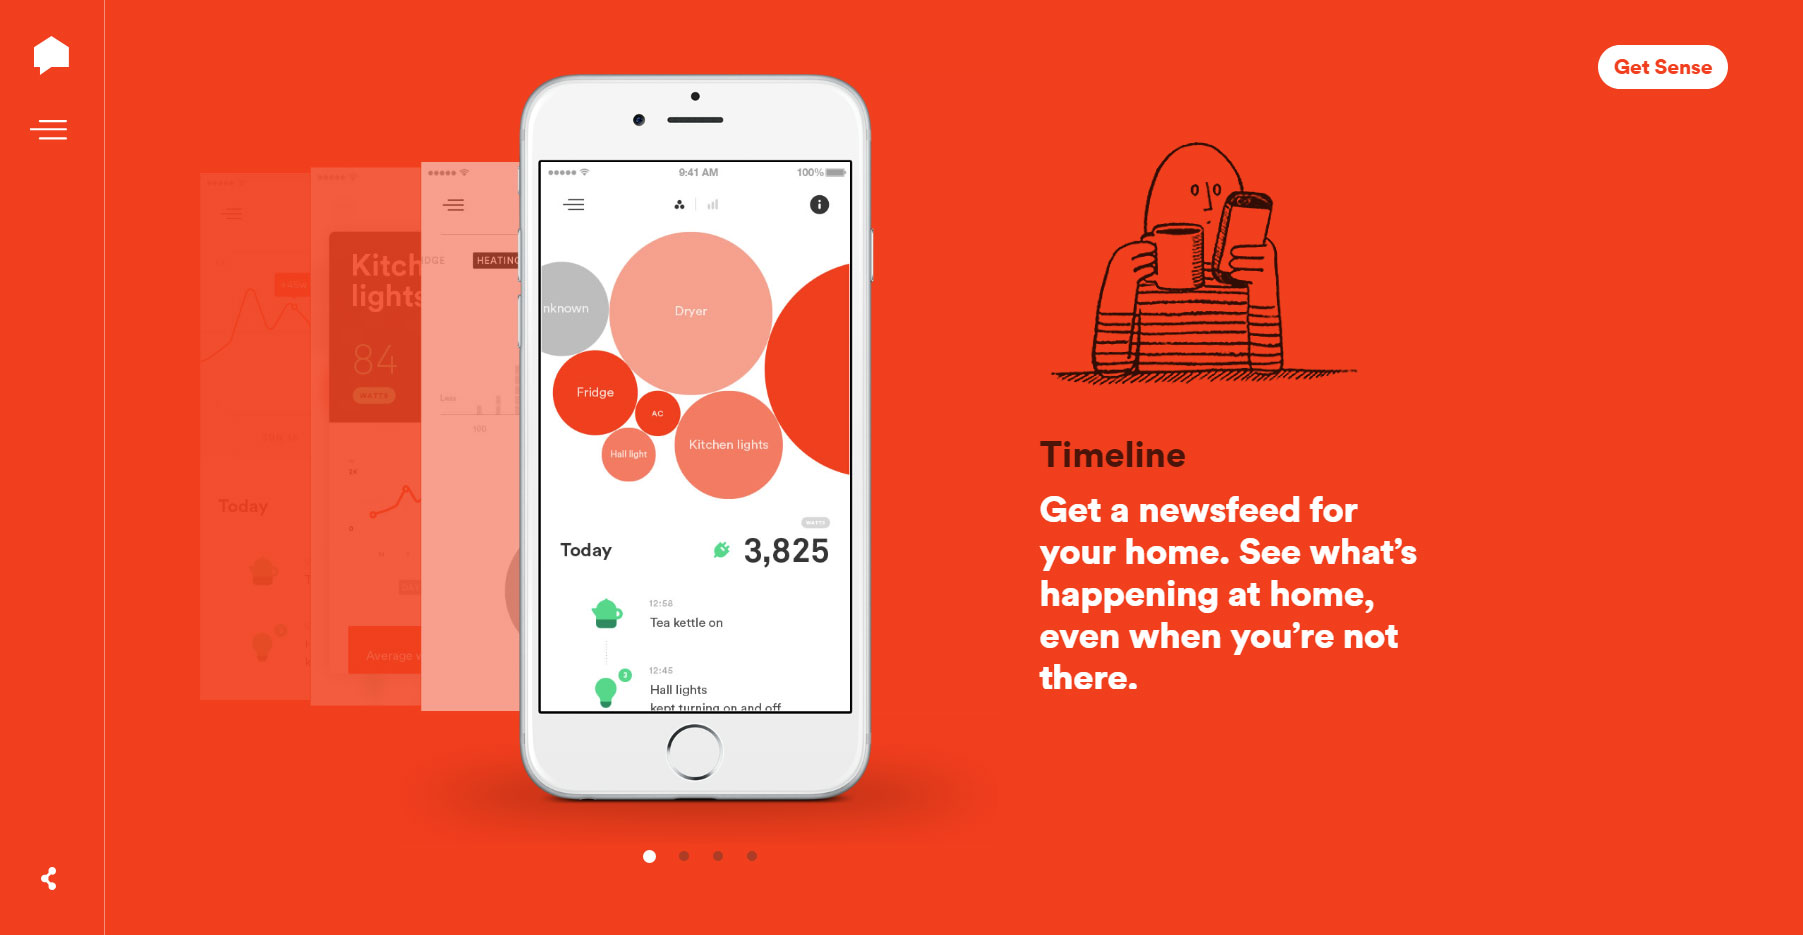 Sense.com - Website of the Day